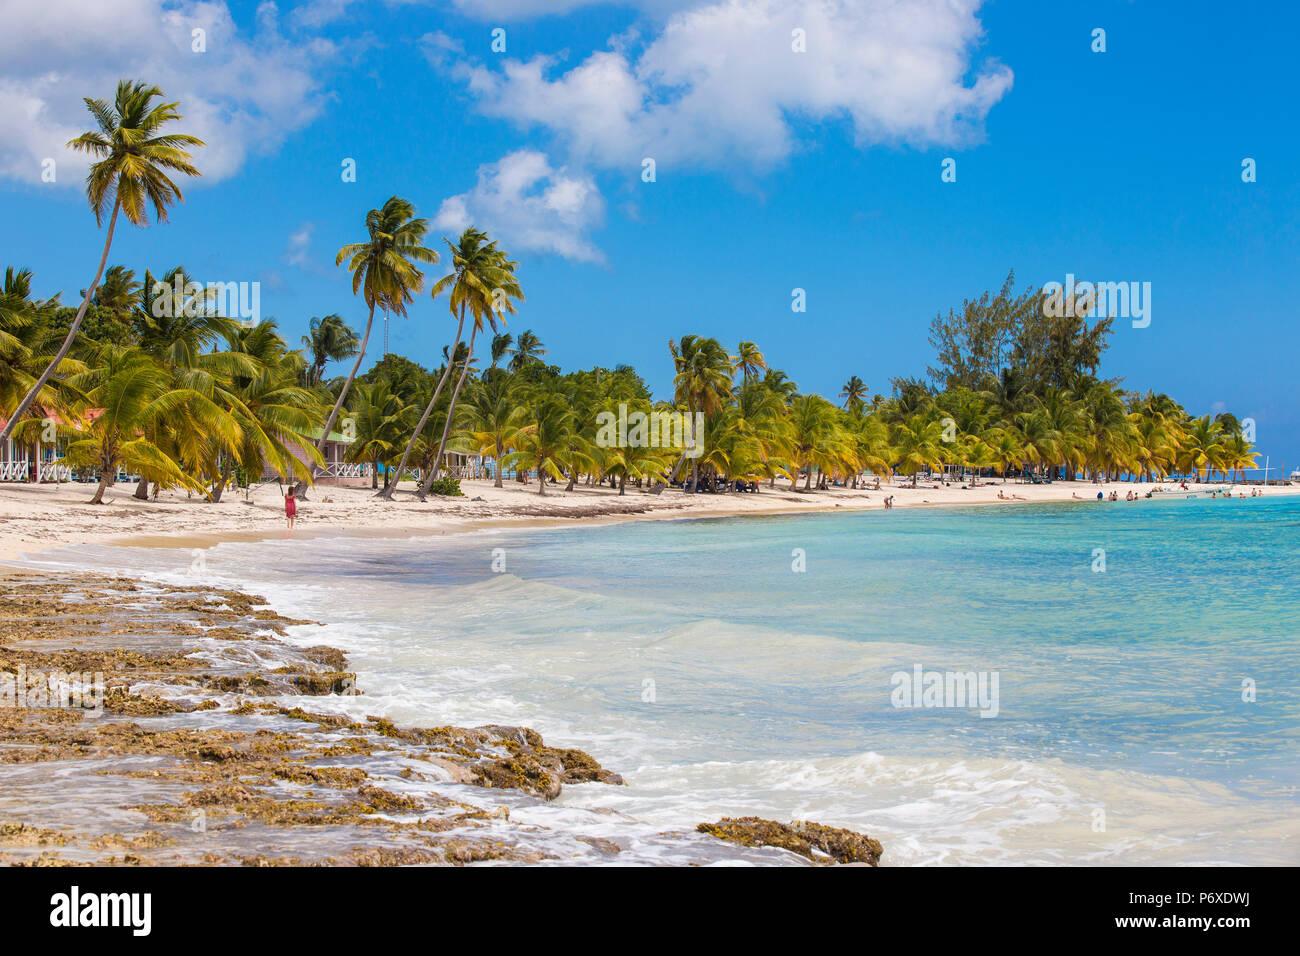 República Dominicana, Punta Cana, Parque Nacional del Este, Isla Saona, Mano Juan, un pintoresco pueblo pesquero Imagen De Stock